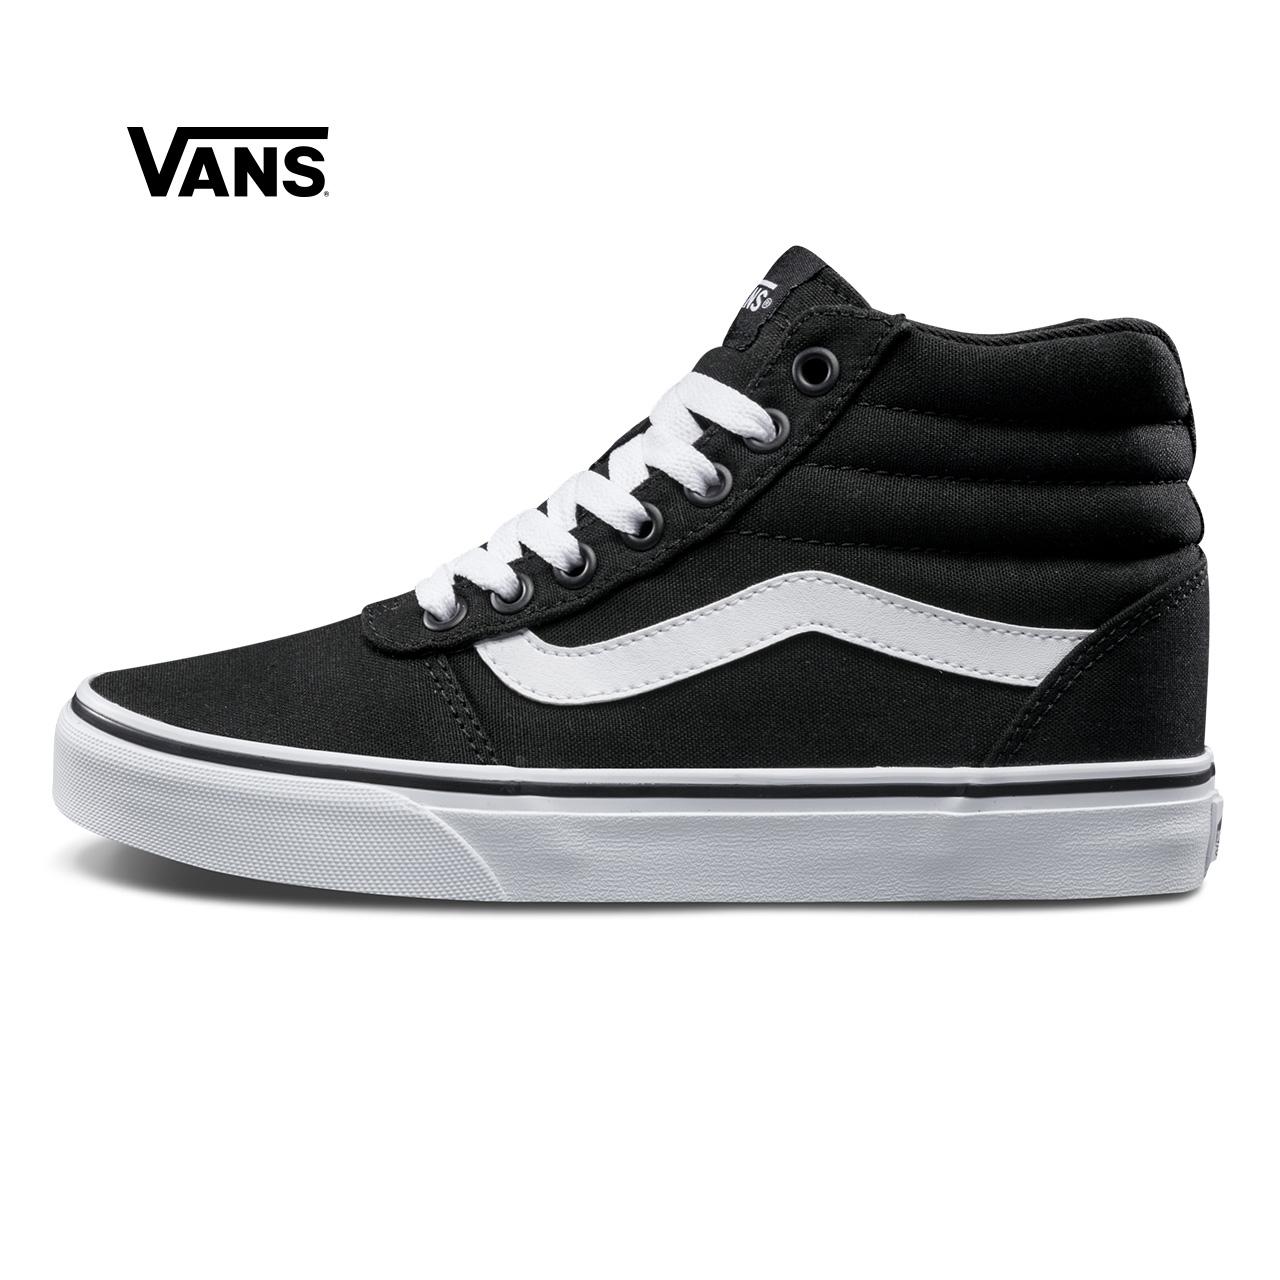 Vans/范斯黑色女款运动鞋板鞋帆布鞋|VN0A3IUO187